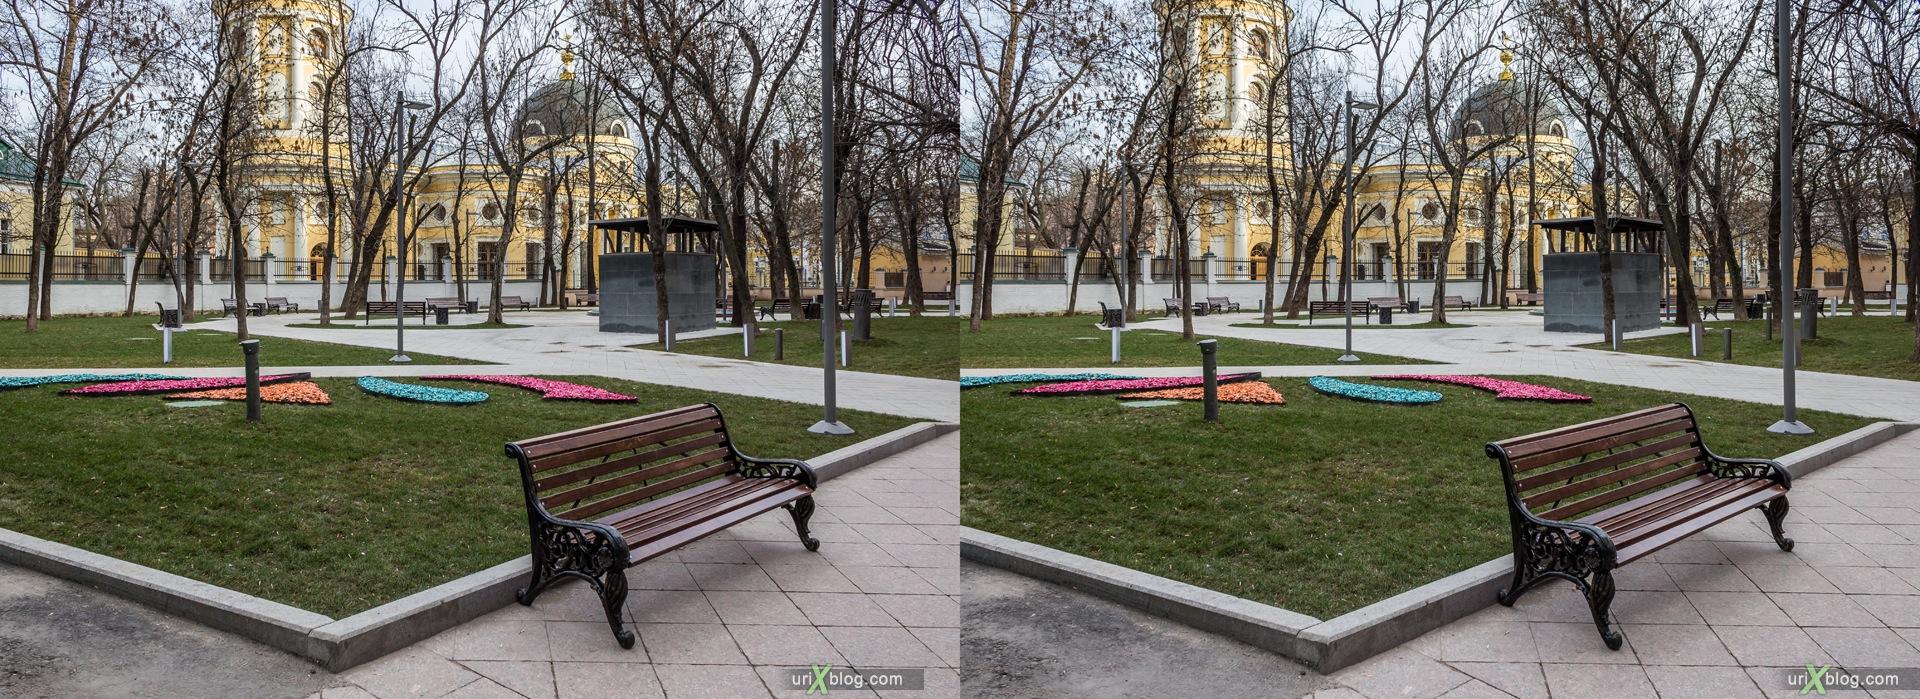 2013, Москва, Россия, Ордынский тупичёк, метро, новые пешеходные зоны, осень, 3D, перекрёстная стереопара, стерео, стереопара